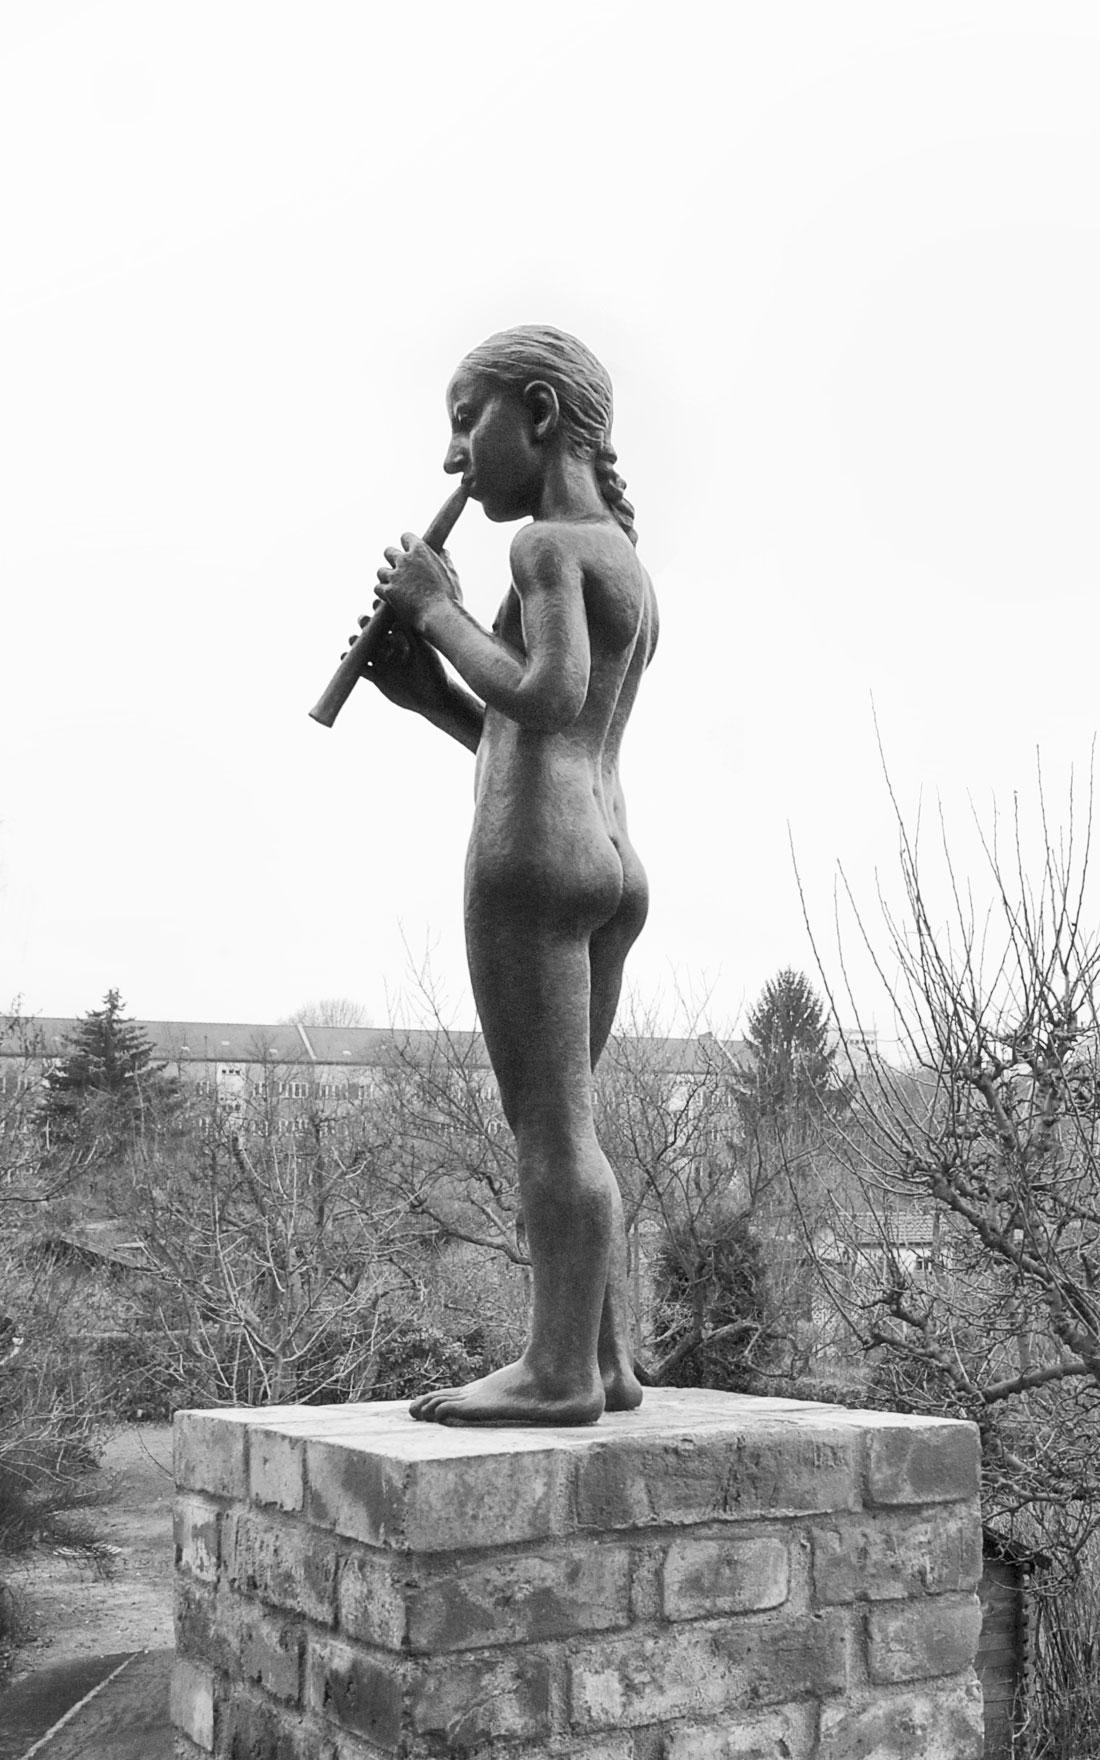 Gabriele Riesner, Architektin, Berlin-Wilmersdorf, Restaurierung/Modernisierung eines Mietshauses, Hausgarten mit Bronzefigur von dem Bildhauer Maximilian Klinge